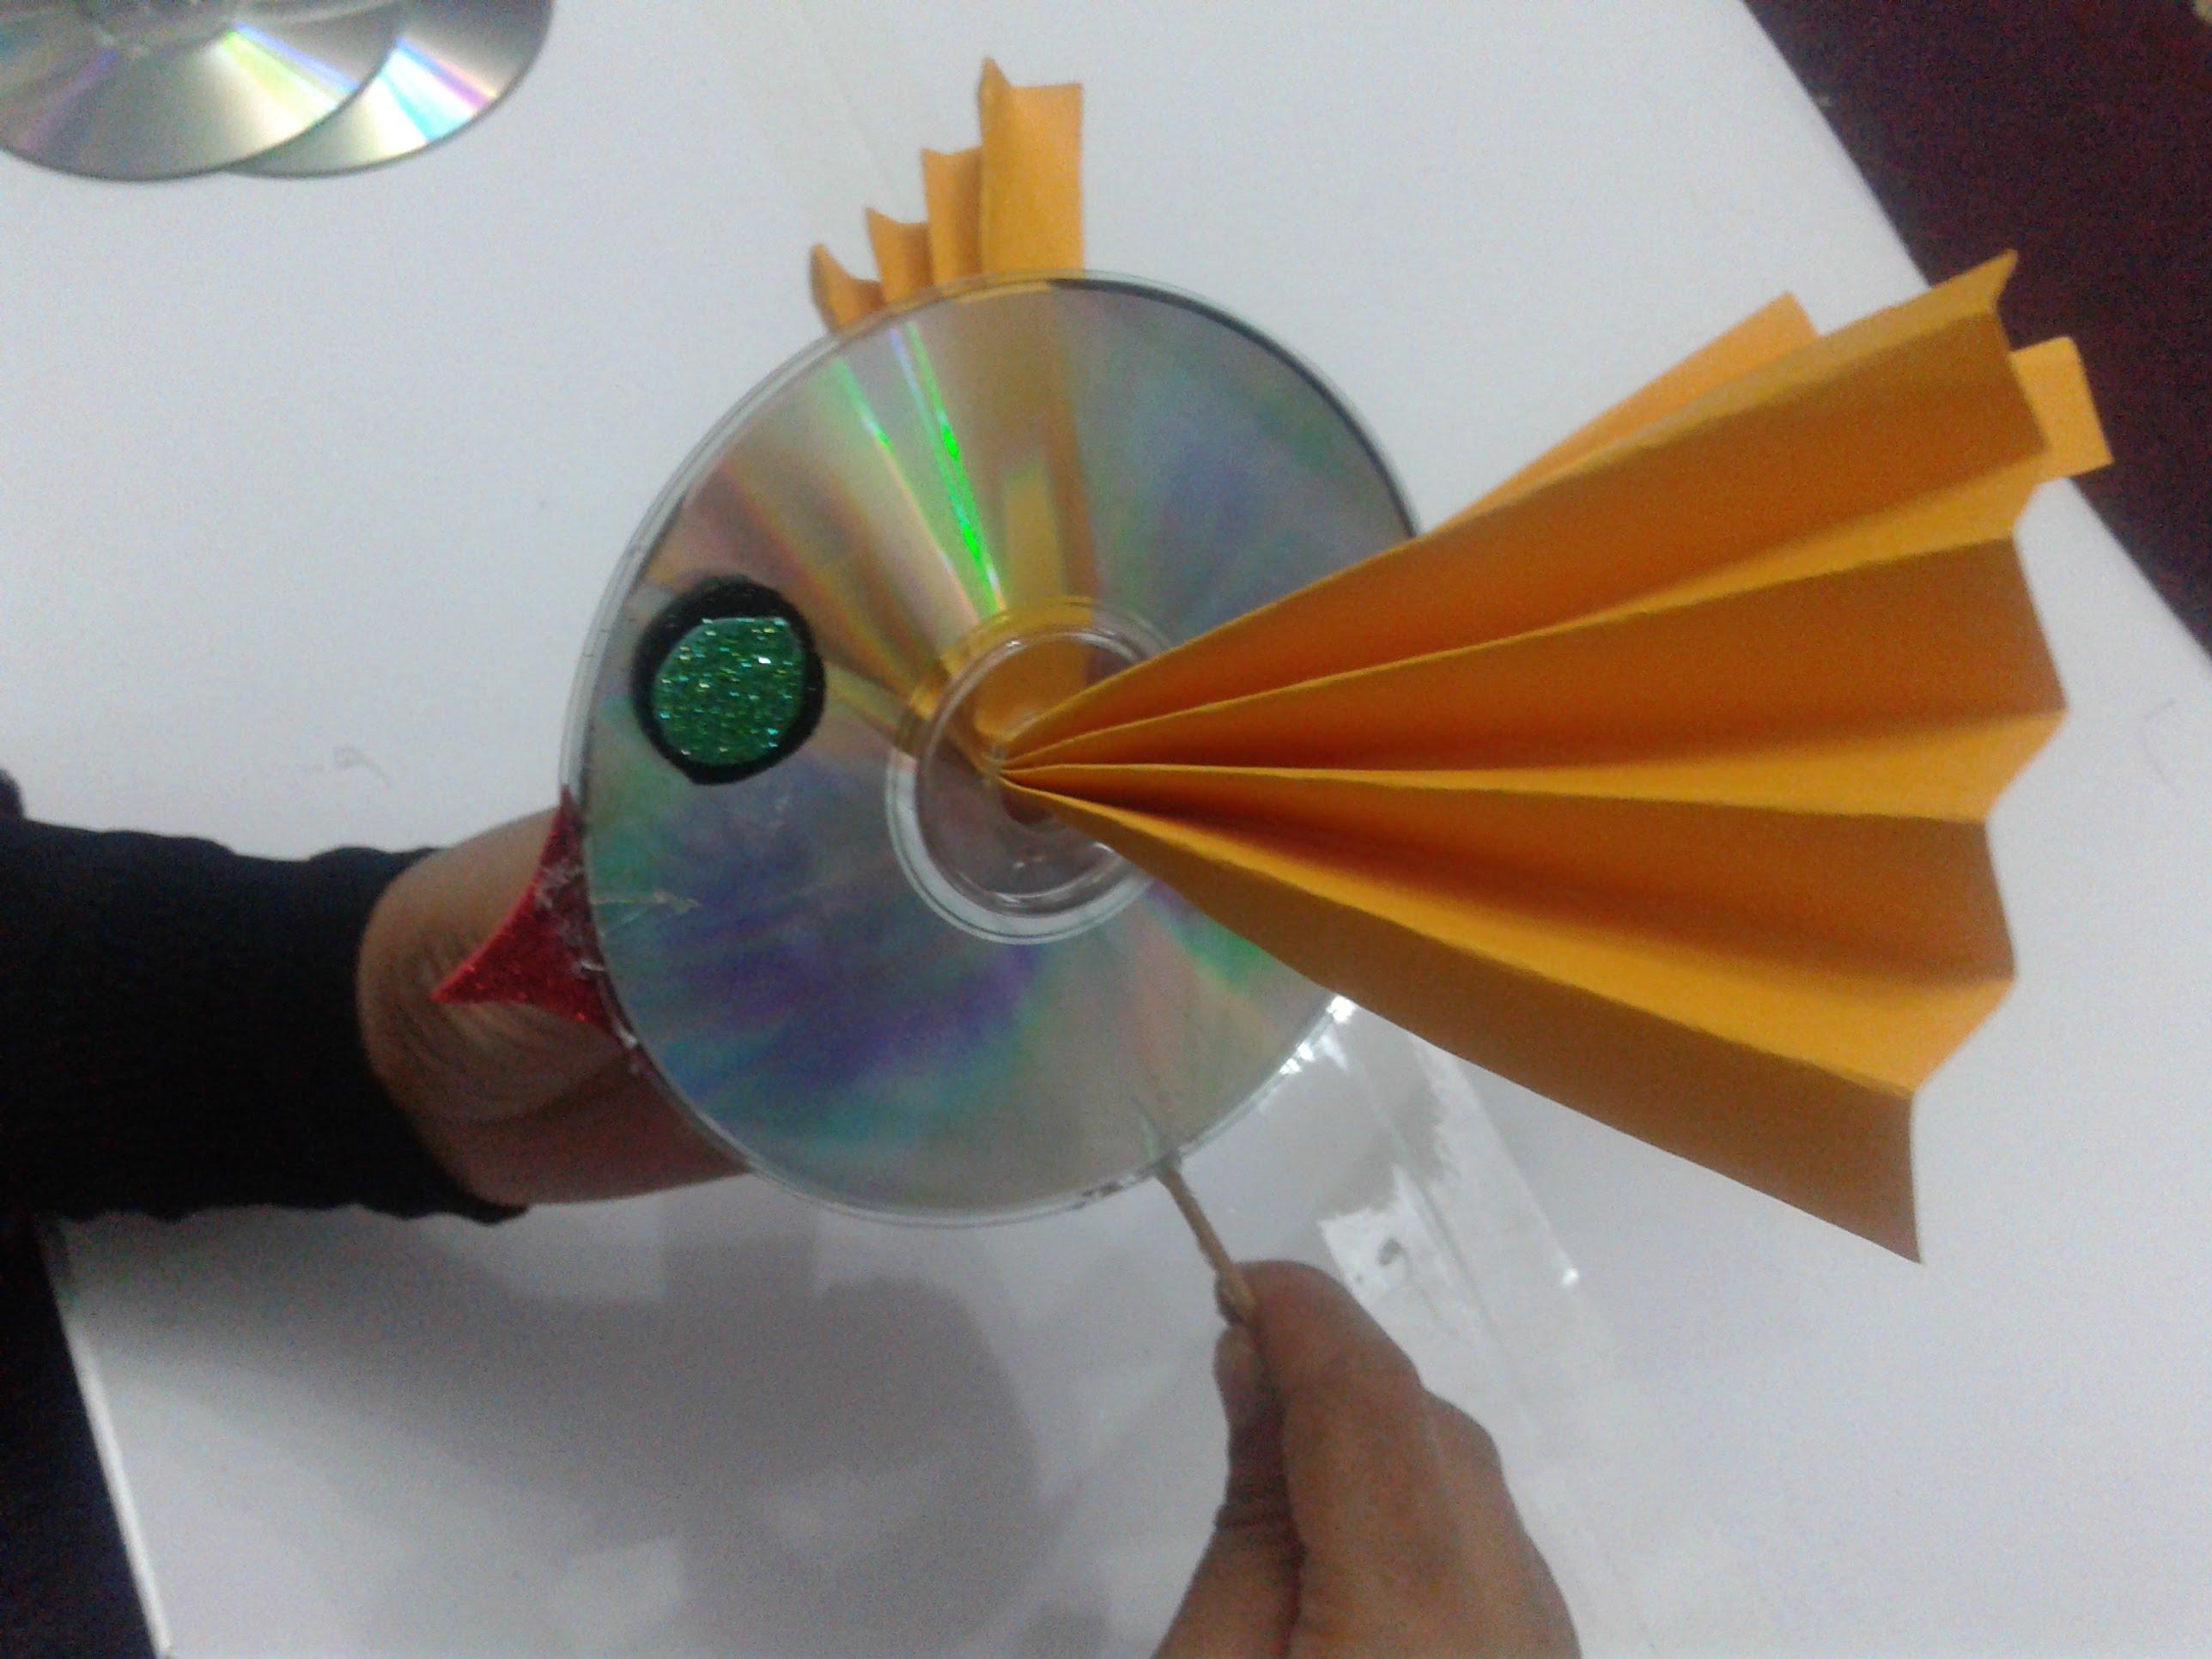 بالصور اعمال يدوية فنية , اجمل الاعمال اليدوية فنية 3630